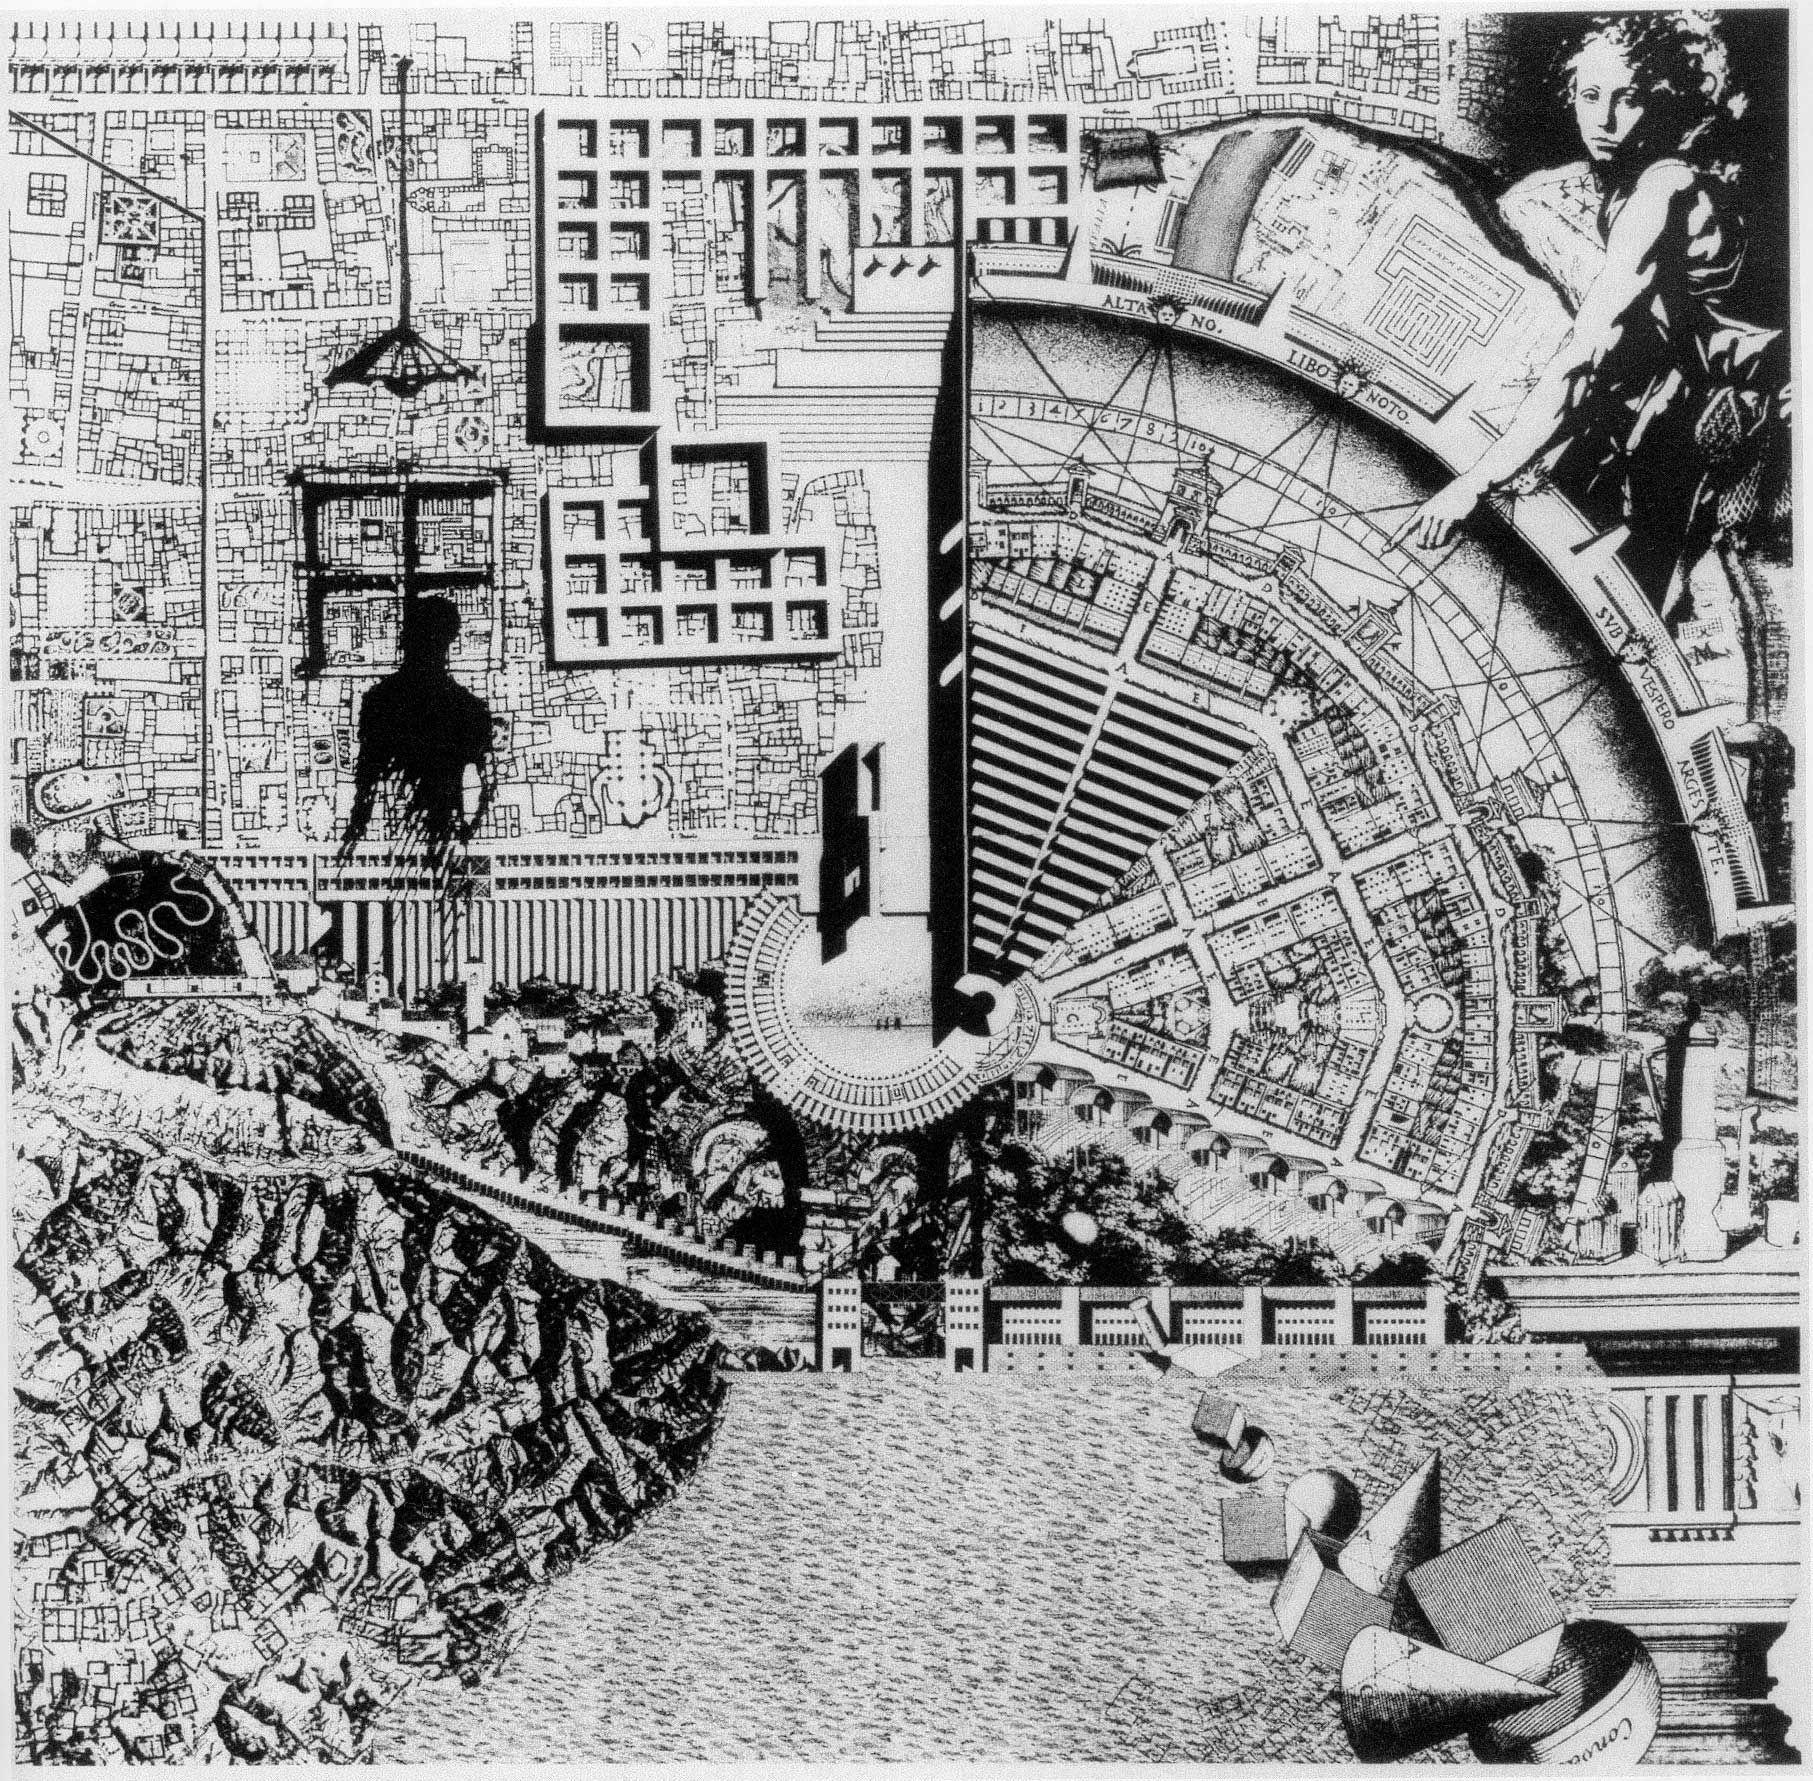 aldo rossi urbanismo - Buscar con Google